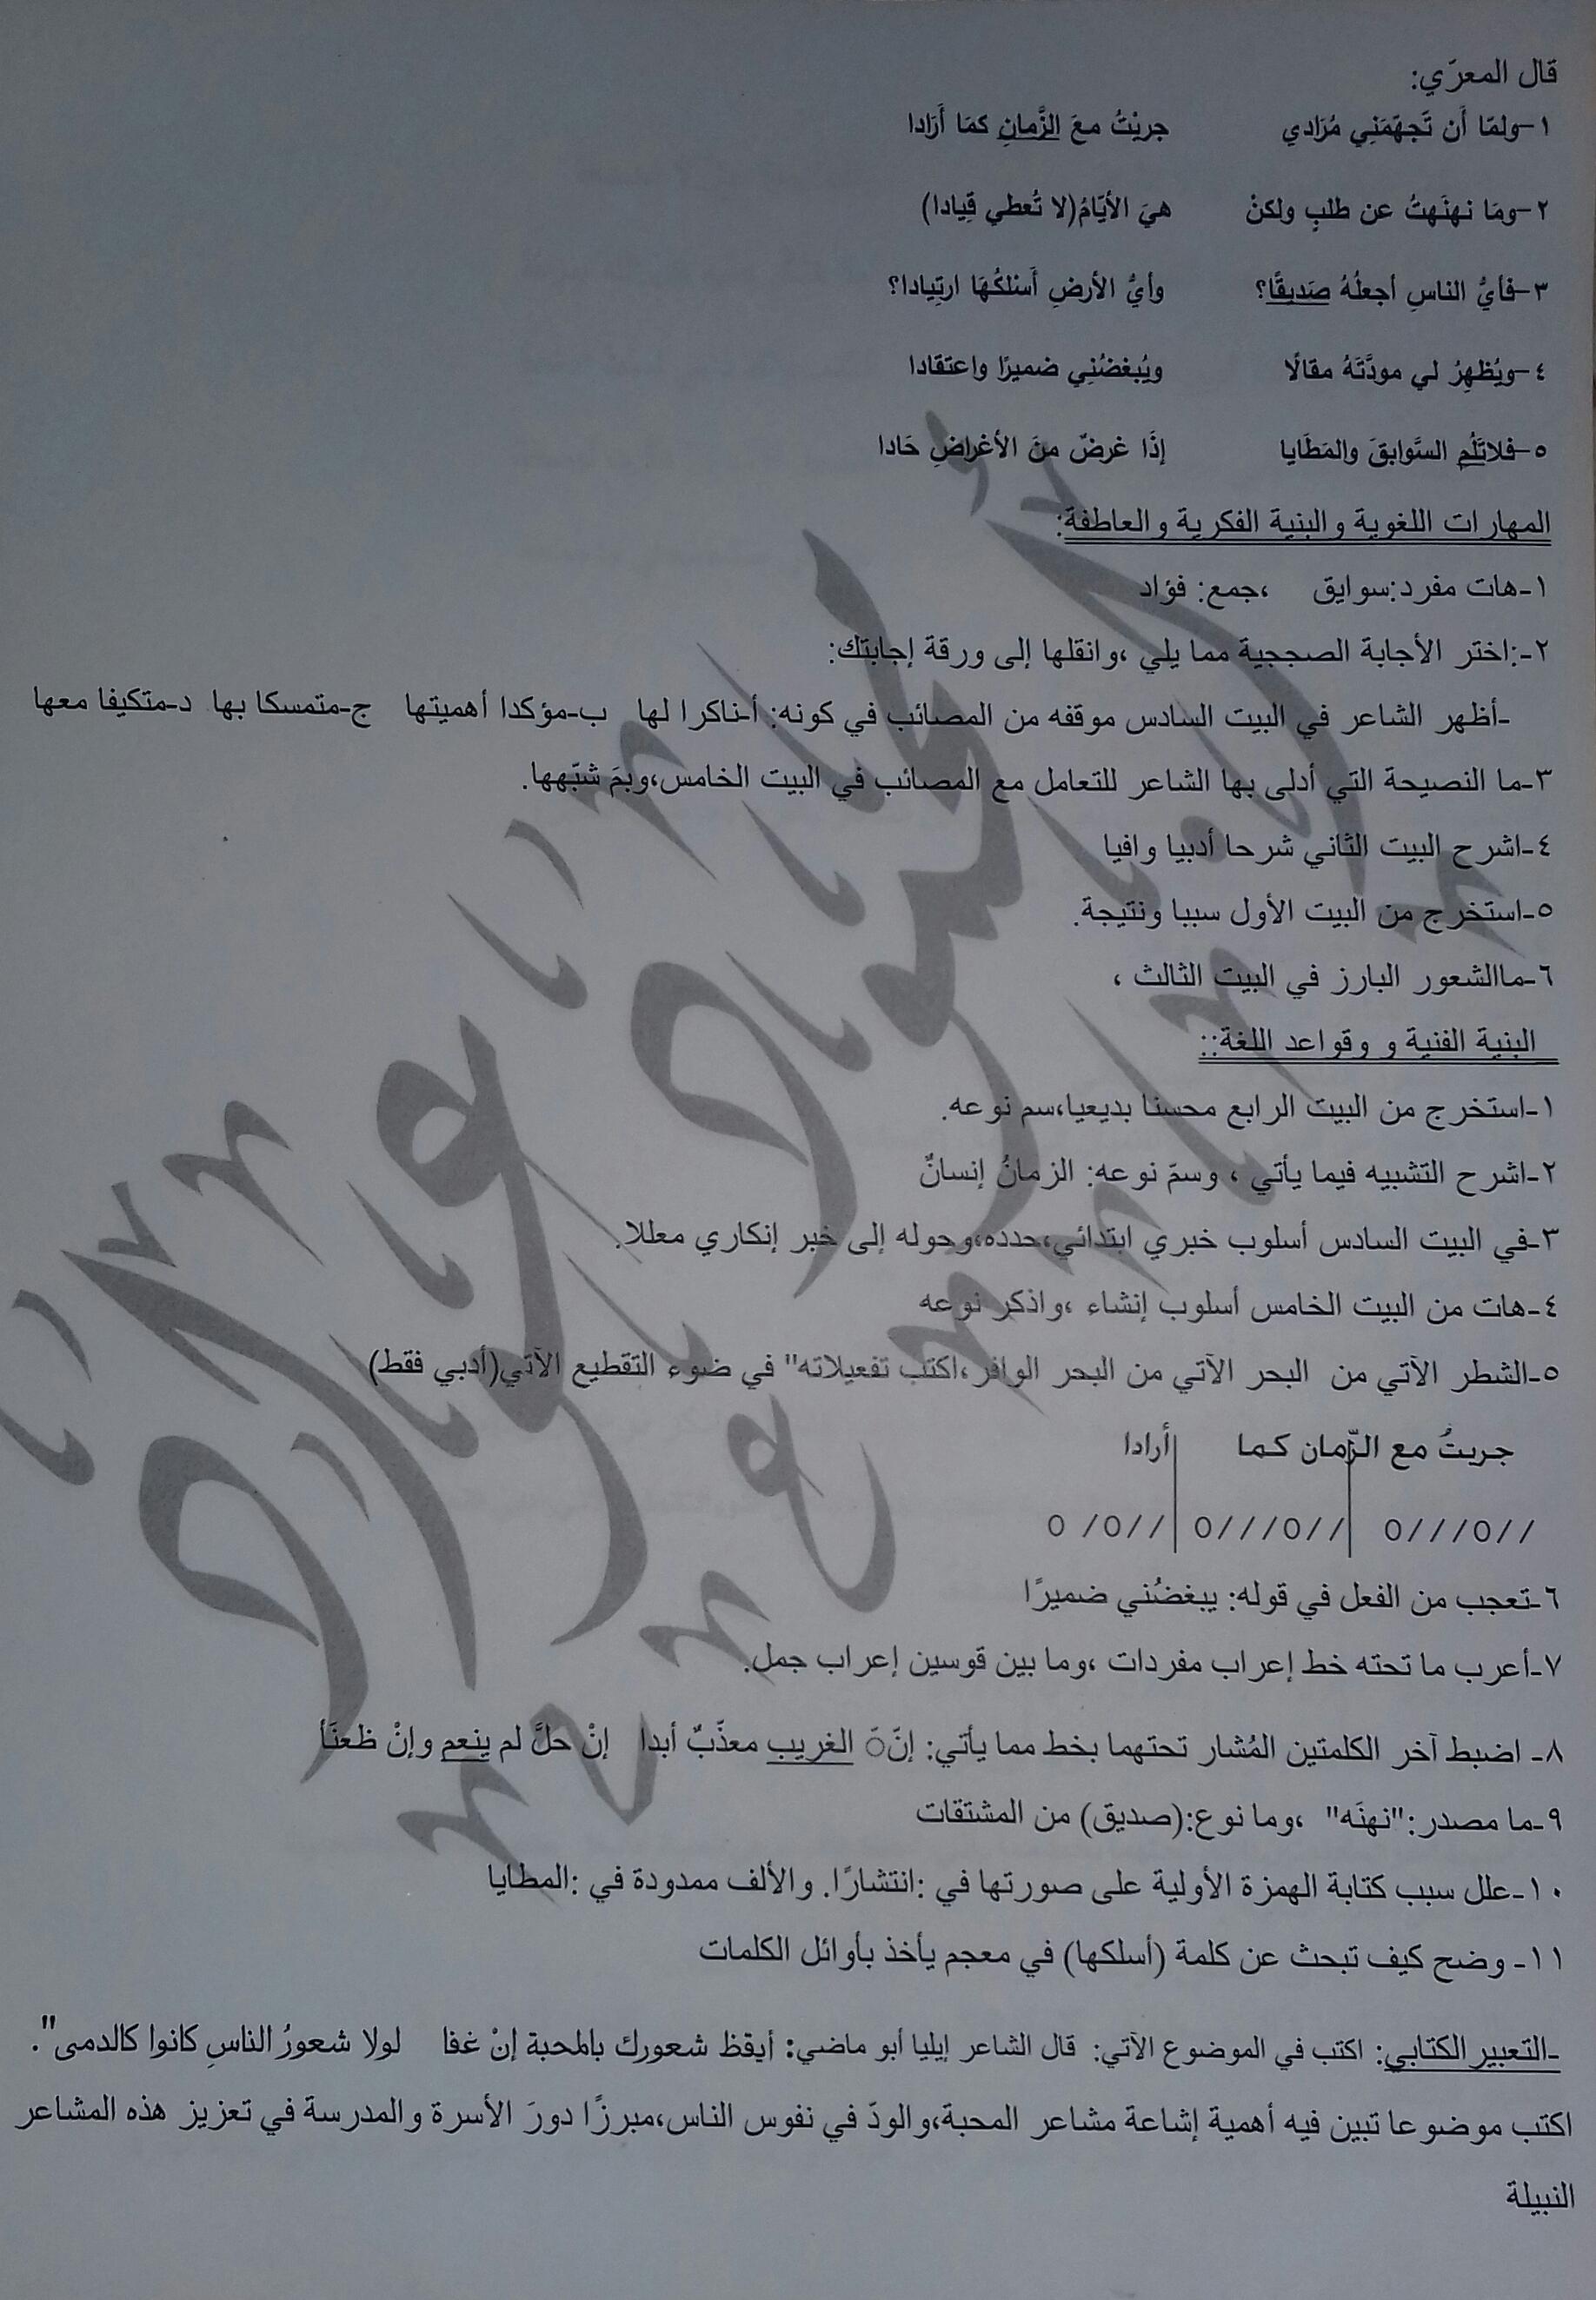 المتقدمين إلى امتحان السبر اللغة العربية للبكالوريا ادبي علمي do.php?img=50774